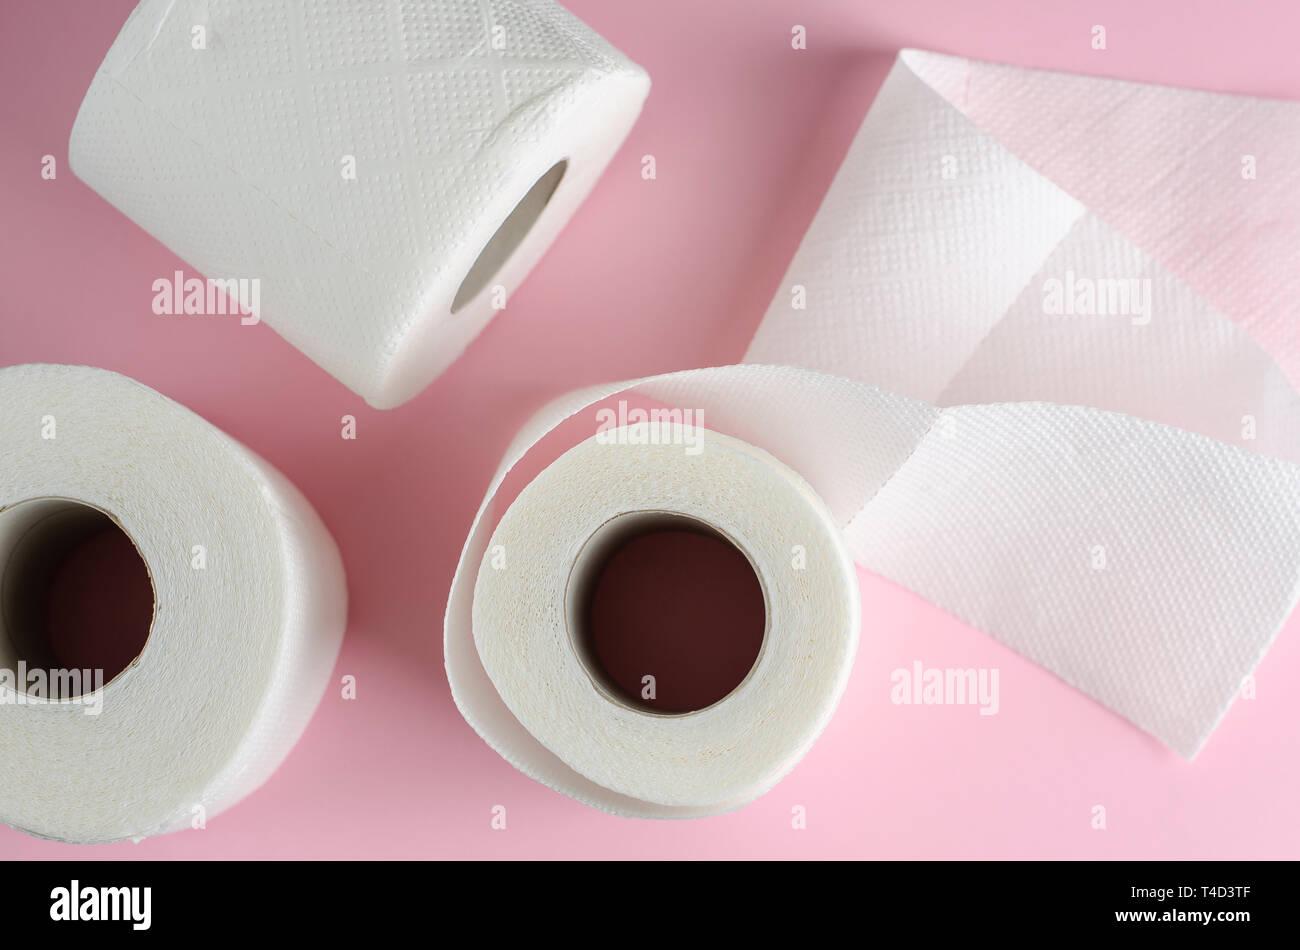 White rotoli di carta igienica pastello su sfondo rosa. Spazio per il testo. Igienici e di uso quotidiano oggetto. Immagini Stock